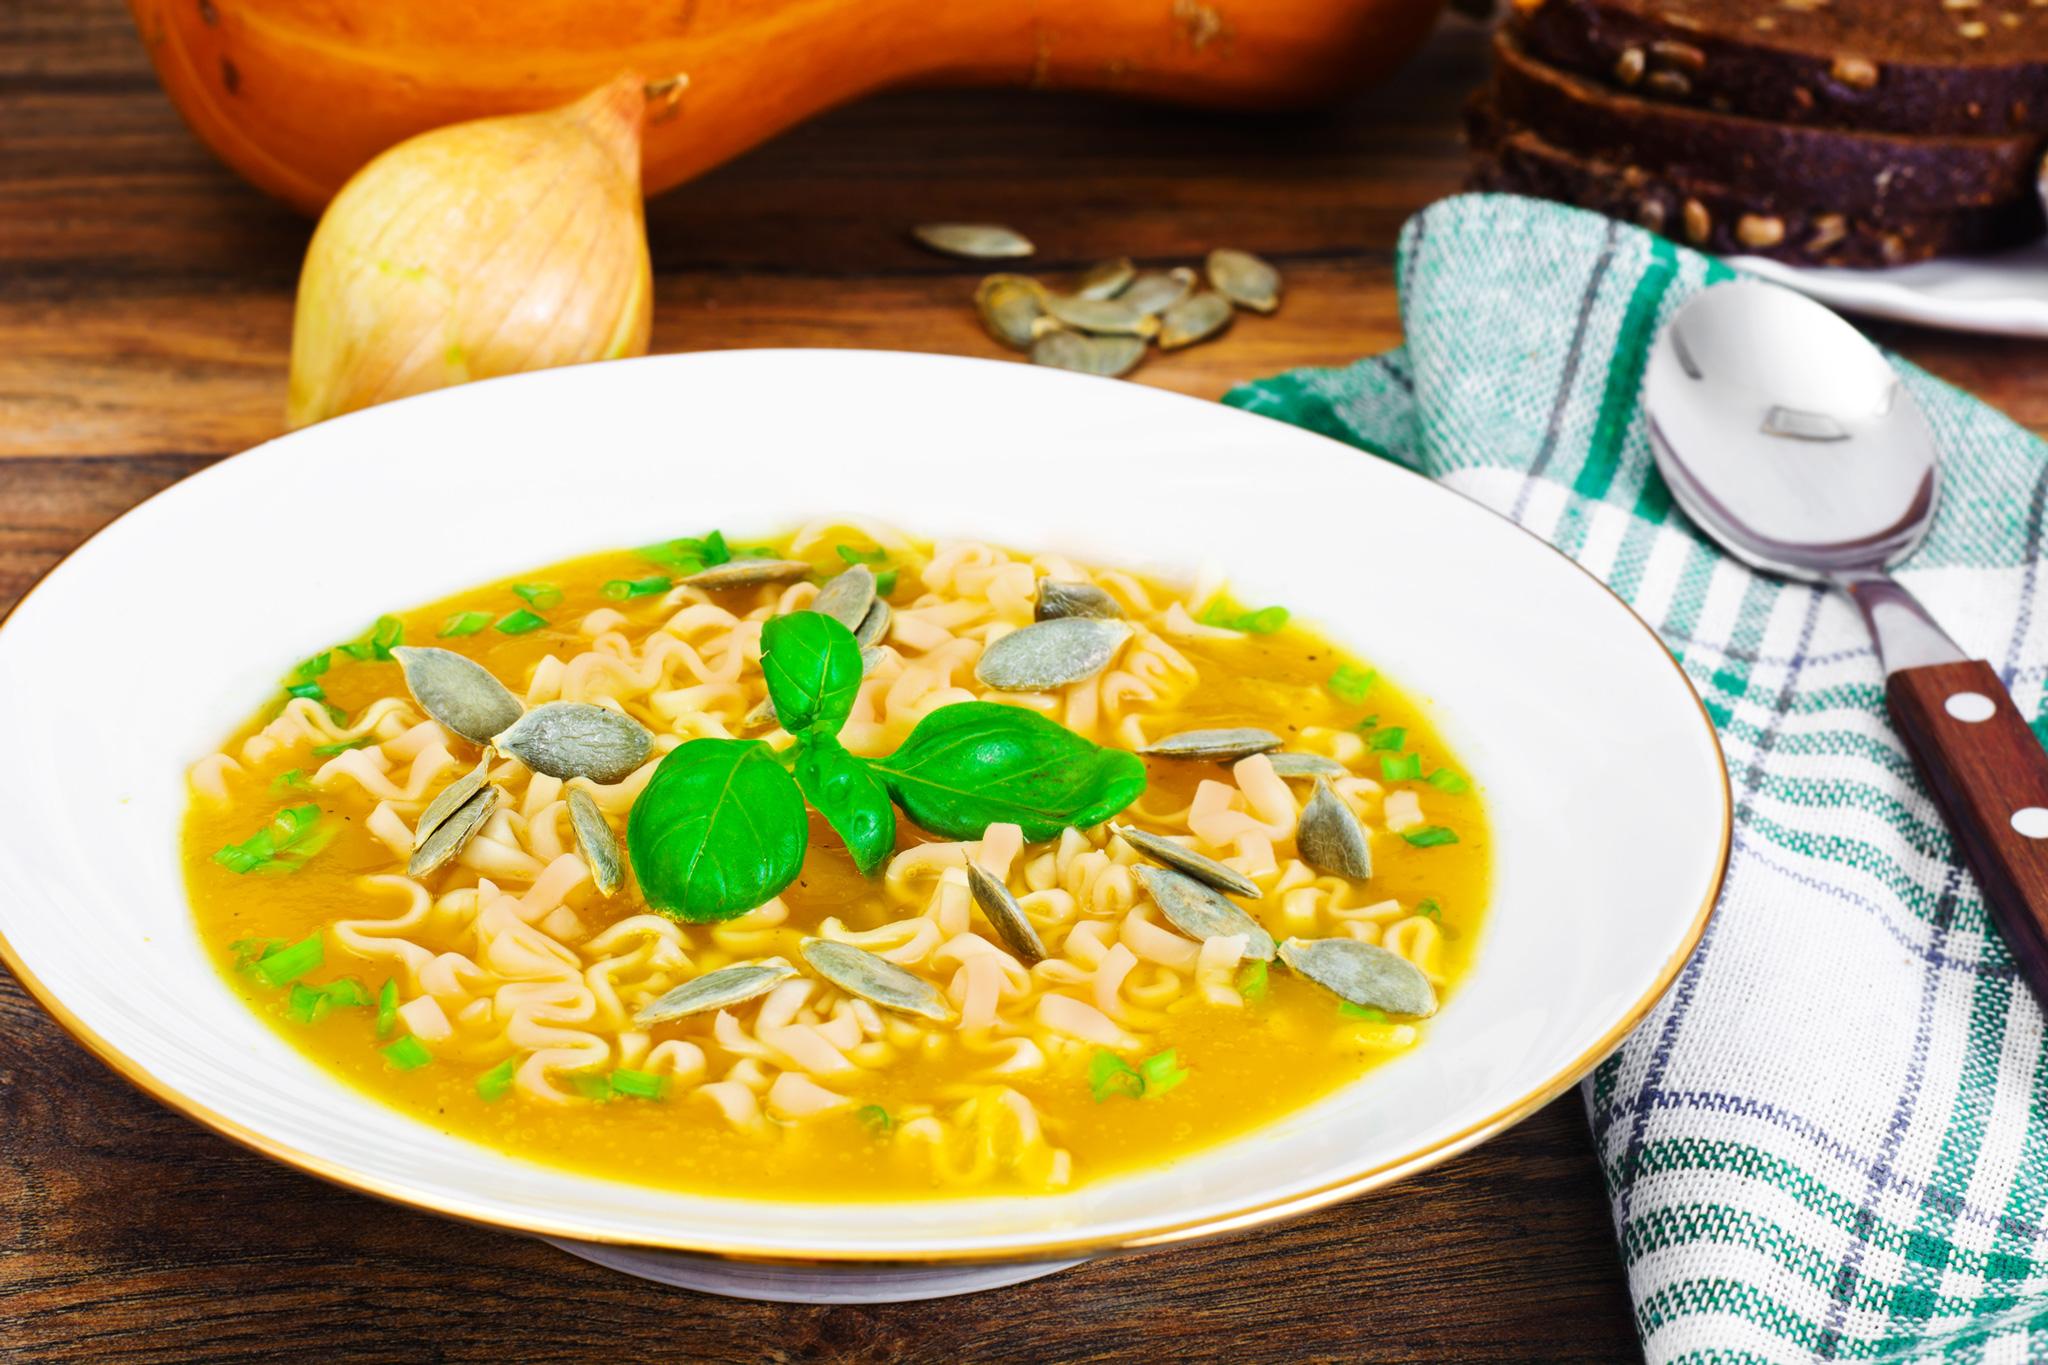 Суп из птицы с тыквенной лапшой и семечками